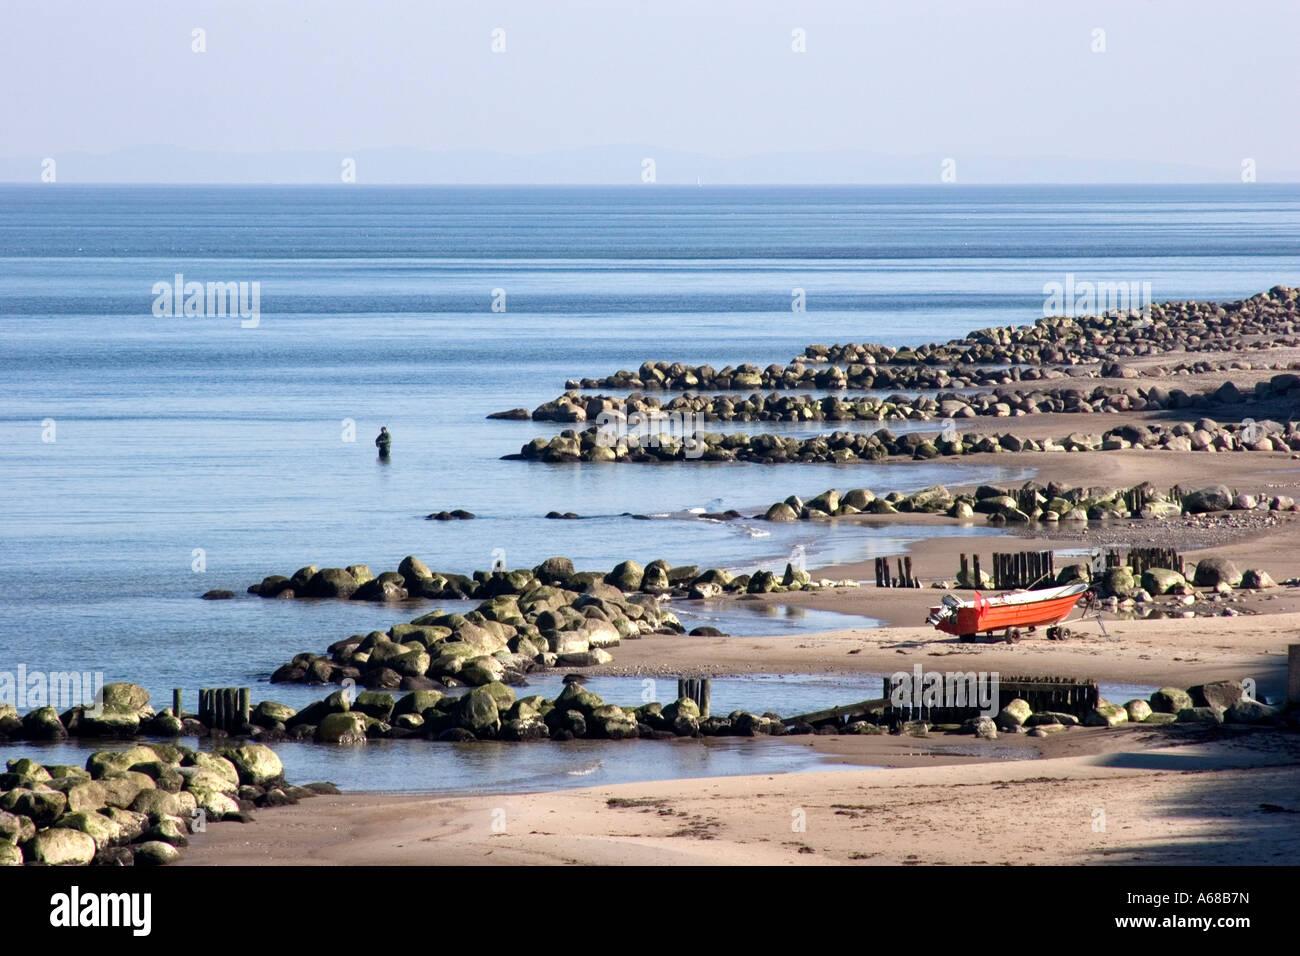 Tisvildeleje on the north coast of Zealand, Denmark - Stock Image